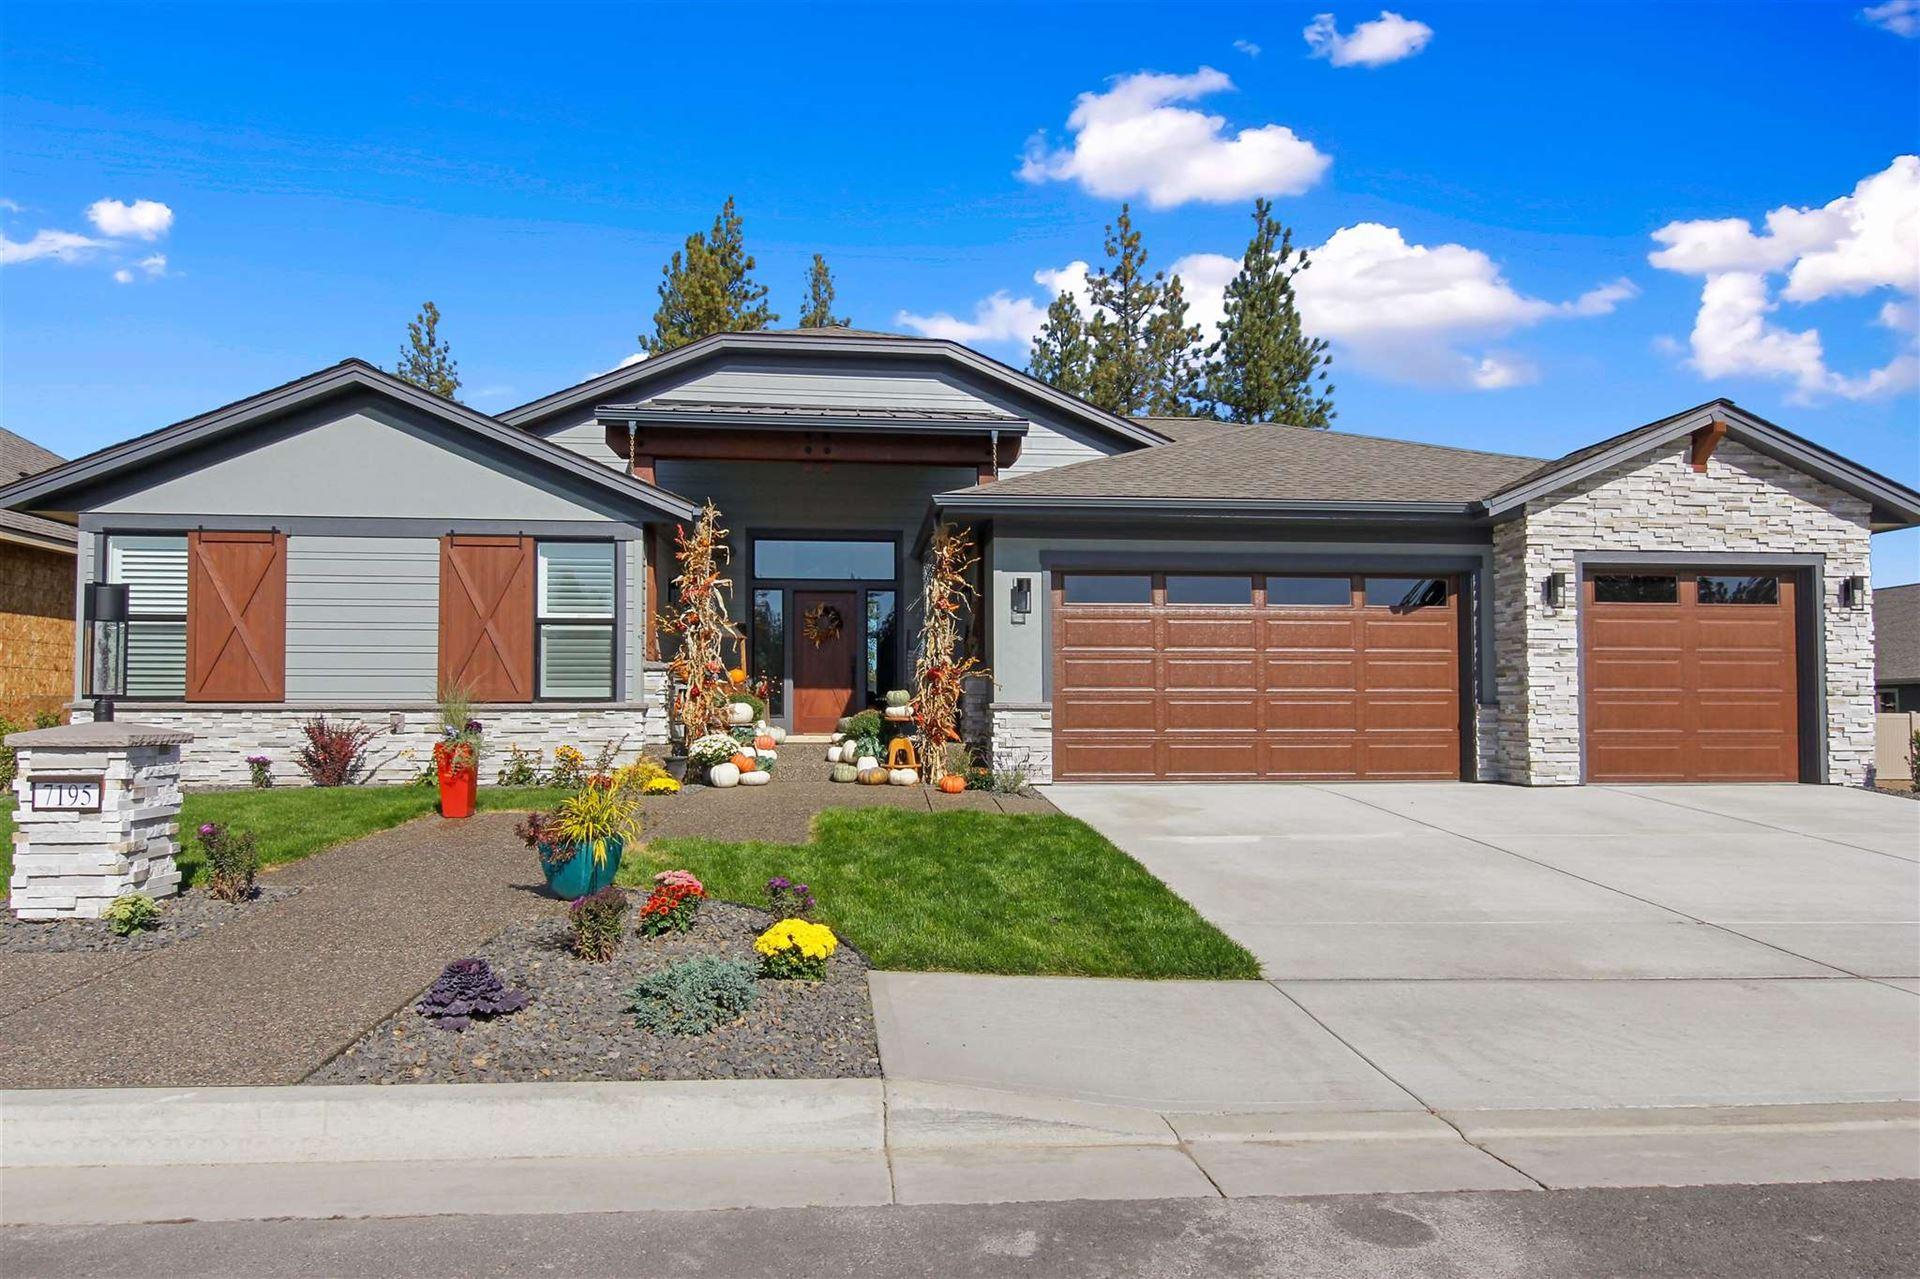 7195 S Parkridge Blvd, Spokane, WA 99224 - #: 202114754